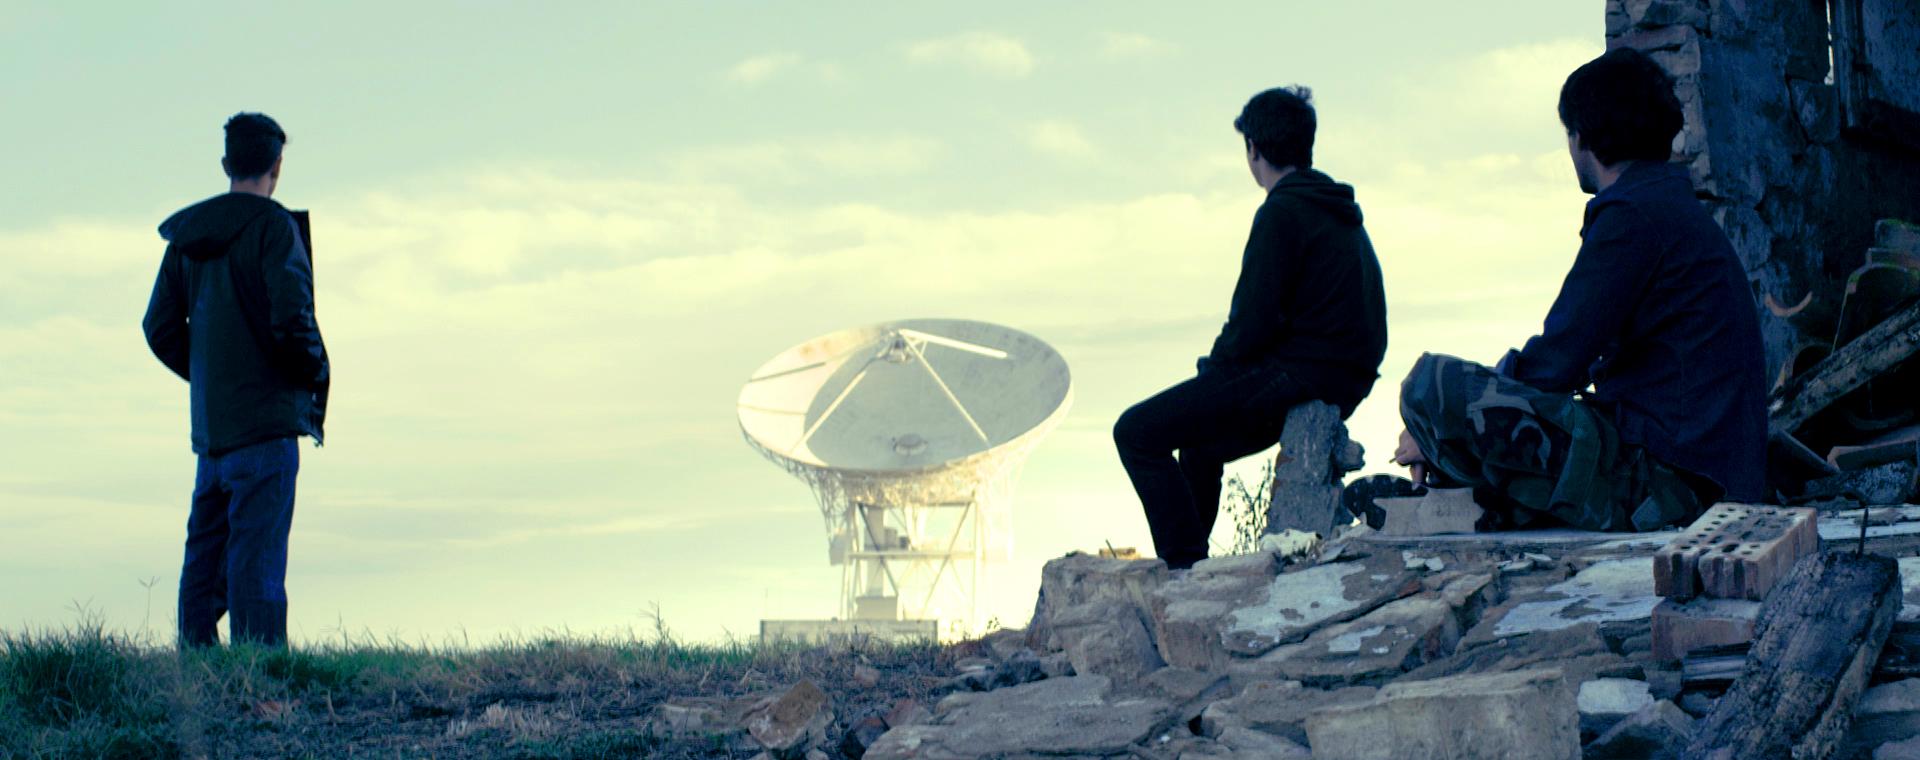 Istantanea del Film Gli Asteroidi di Germano Maccioni